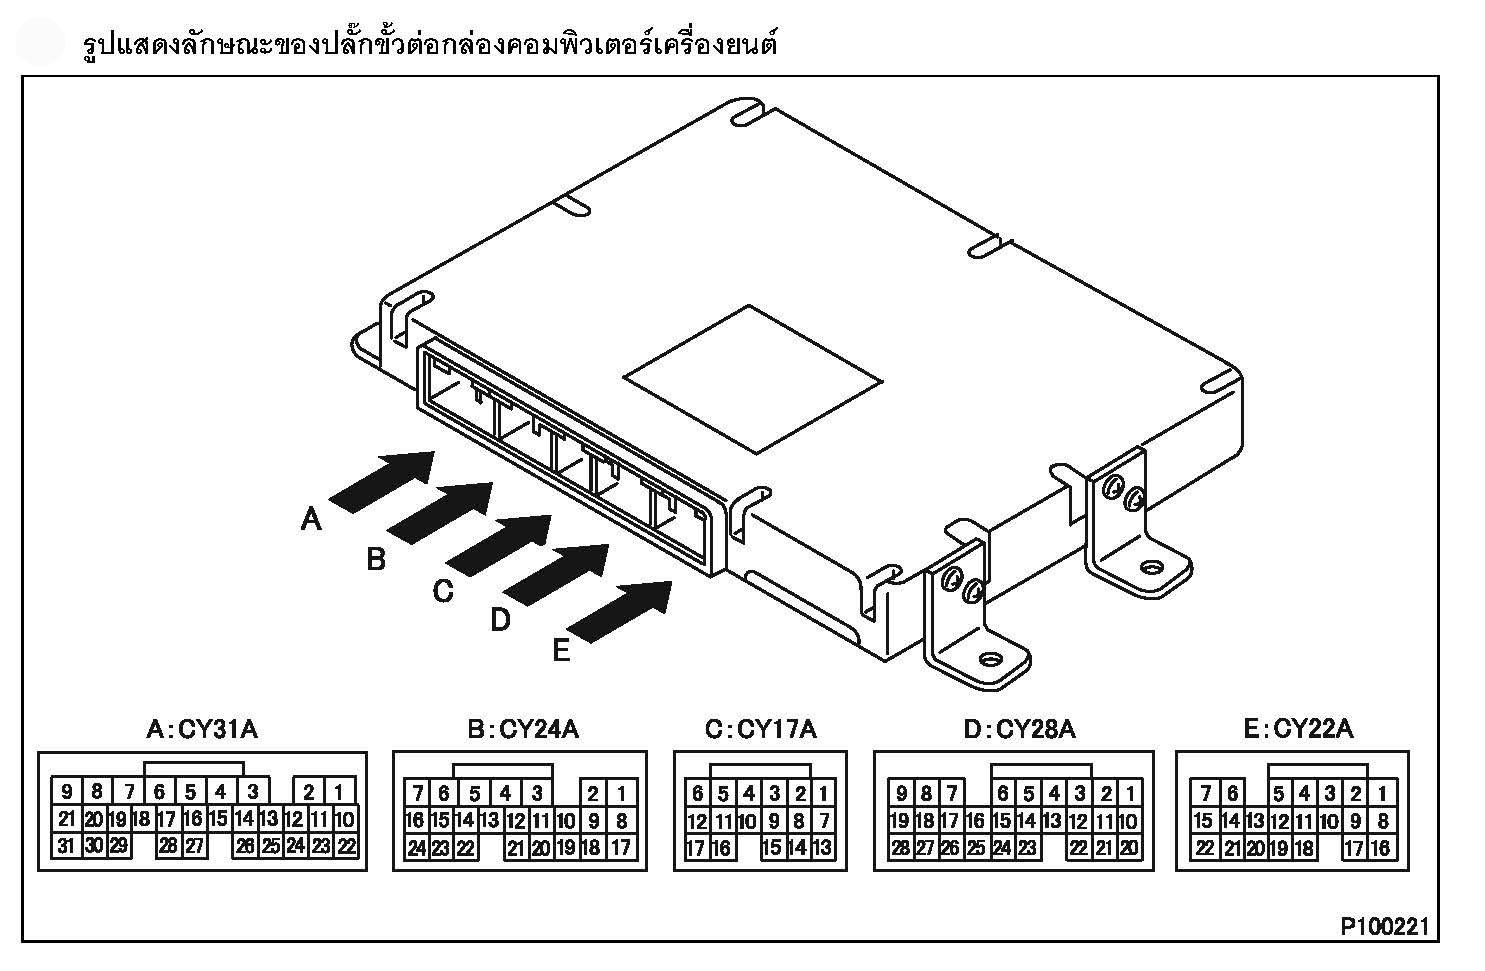 หนังสือ คู่มือซ่อม ระบบควบคุมเครื่องยนต์ กลไกเครื่องยนต์ รหัสปัญหา DTC วงจรไฟฟ้า เครื่องยนต์ดีเซล MITSUBISHI FUSO 6M6 EURO 3 07-15